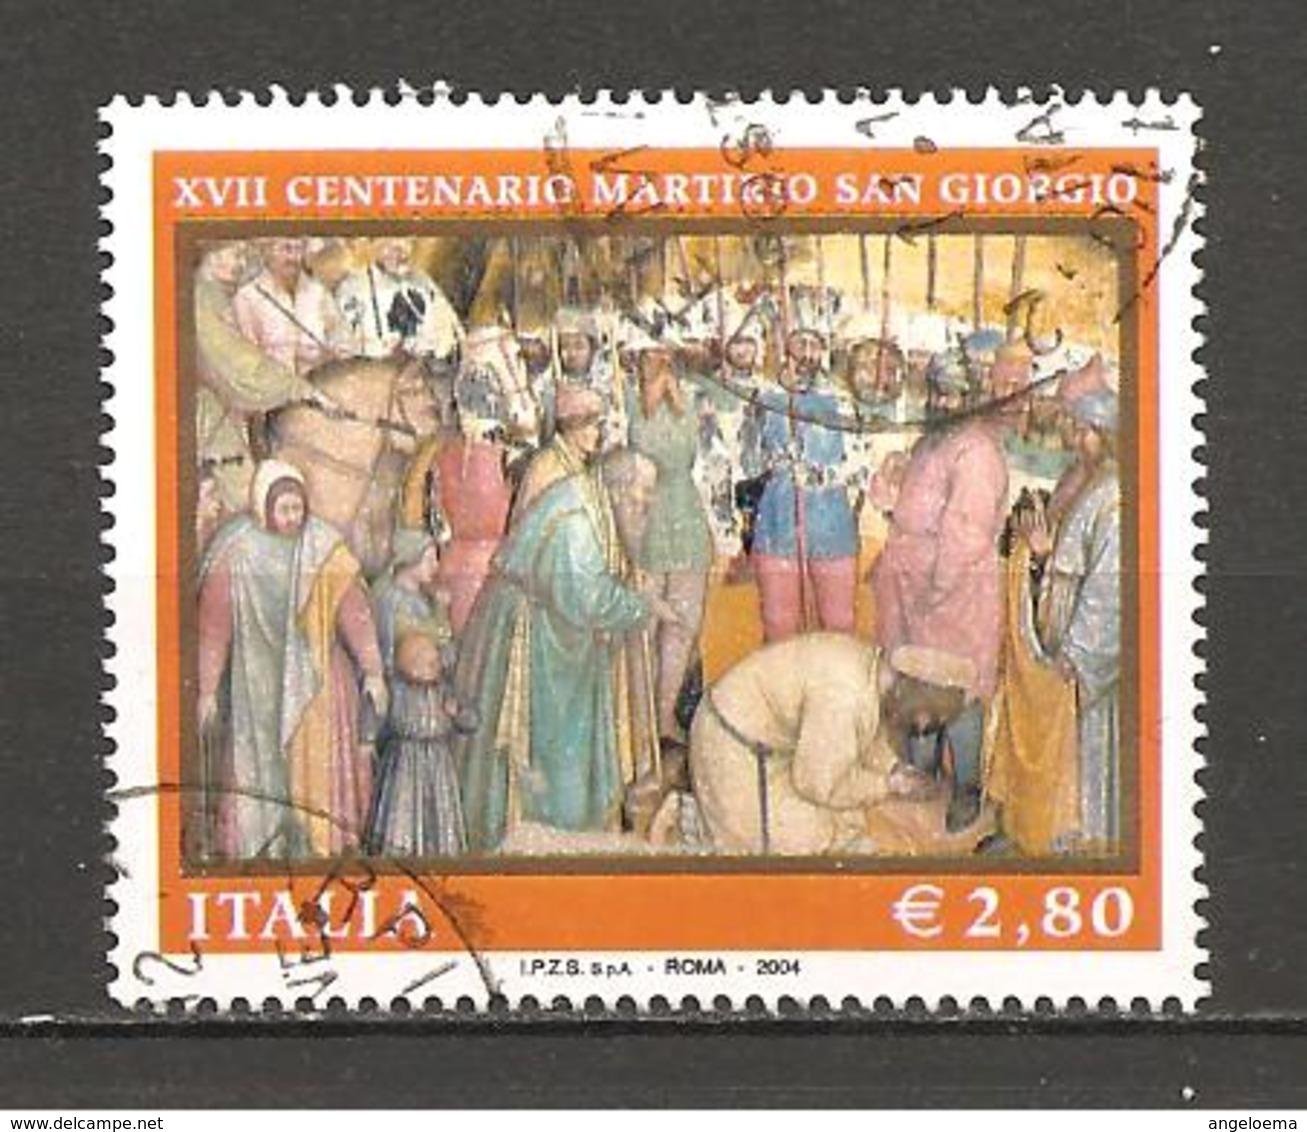 ITALIA - 2004 XVII Cent. Martirio Di S.GIORGIO (ALTICHIERO DA ZEVIO, Oratorio Di S.Giorgio, Padova) Usato - Religione